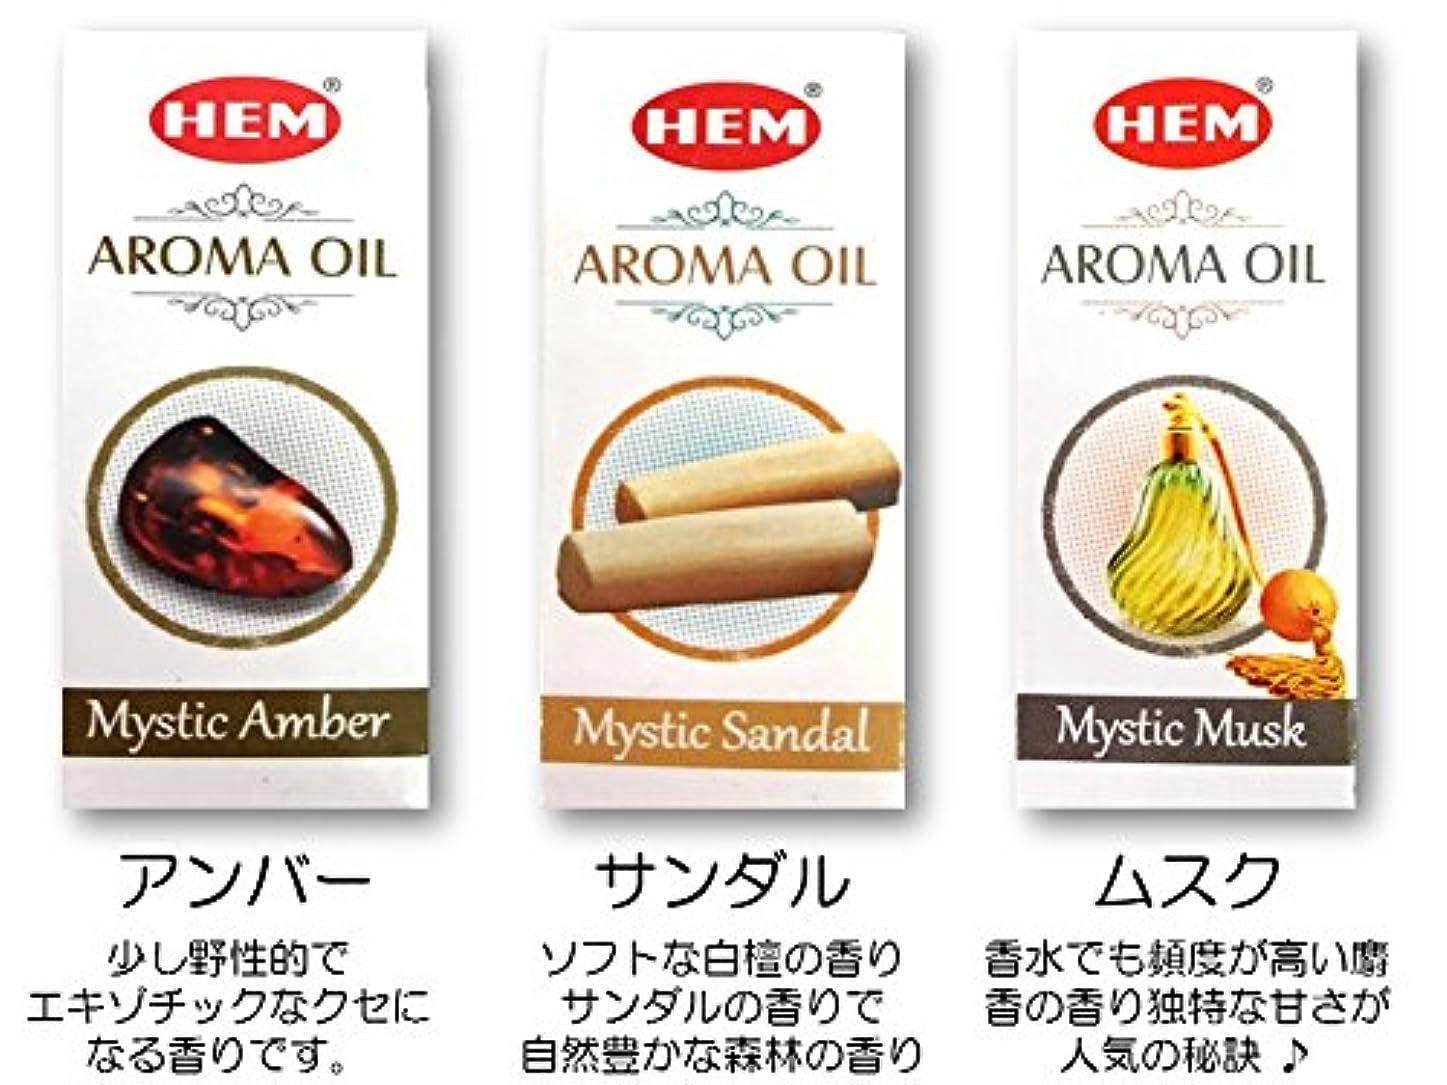 家畜ホステス合わせてHEM(ヘム) アロマオイル 3本セット /アンバー?サンダル?ムスク/ルームフレグランス用